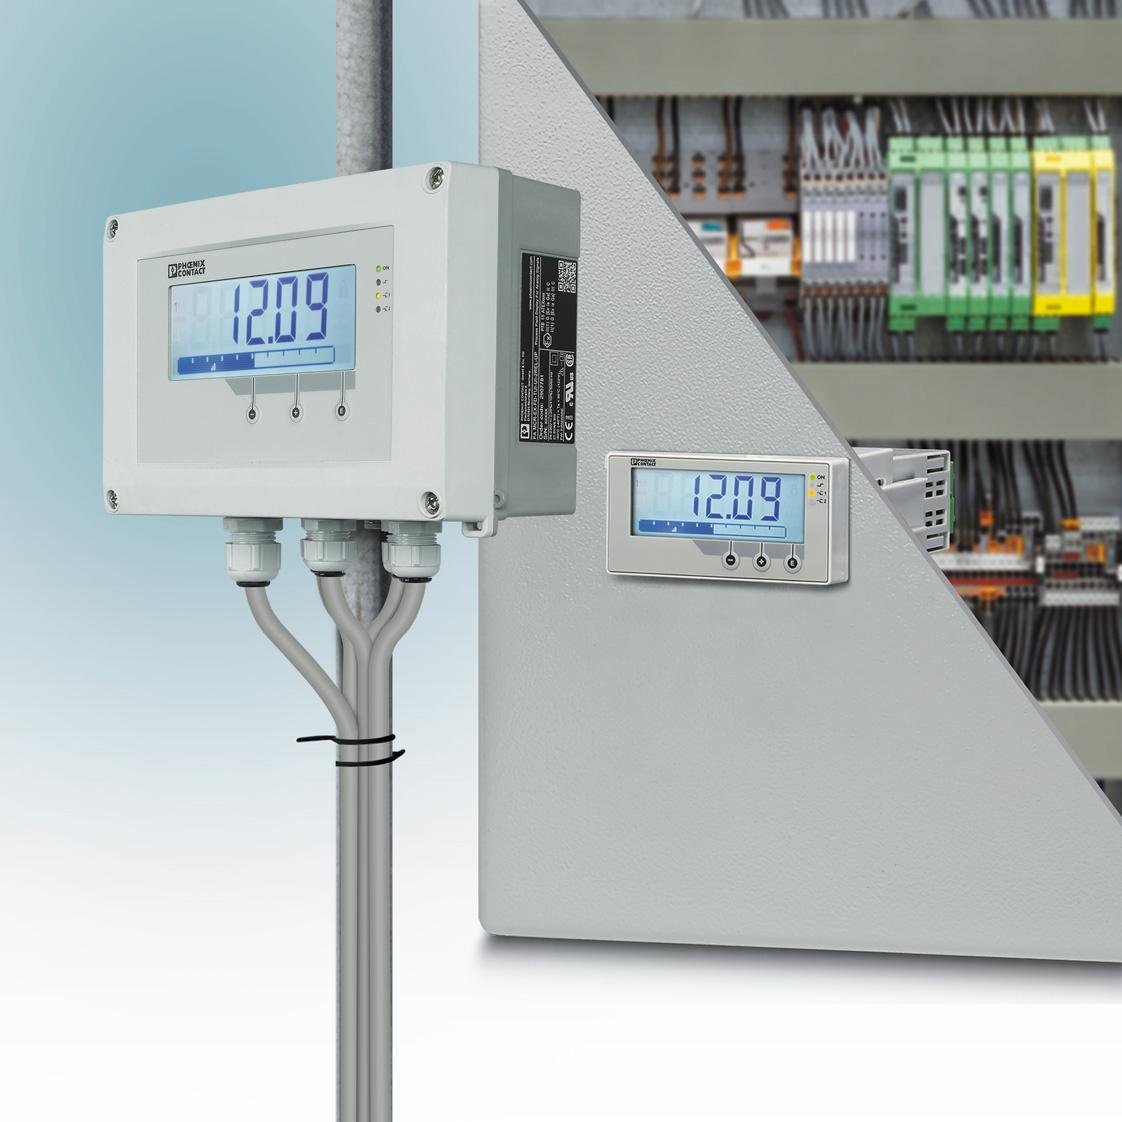 Семейство Field Analog нормализаторы сигналов с устройством индикации